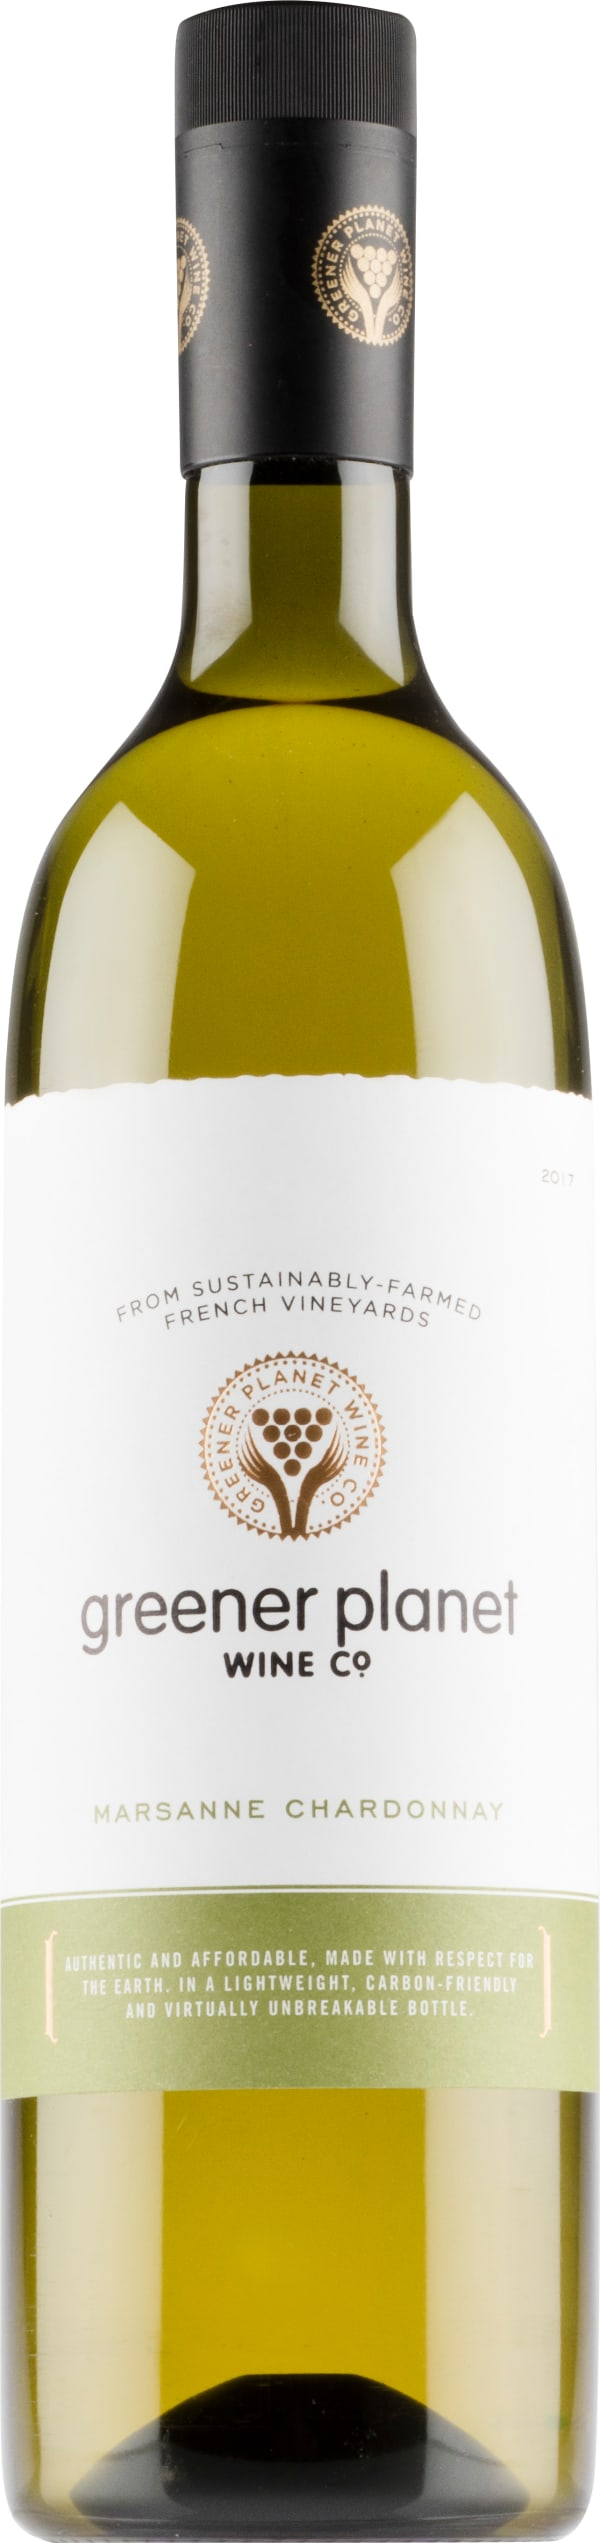 Greener Planet Marsanne Chardonnay 2018 plastic bottle